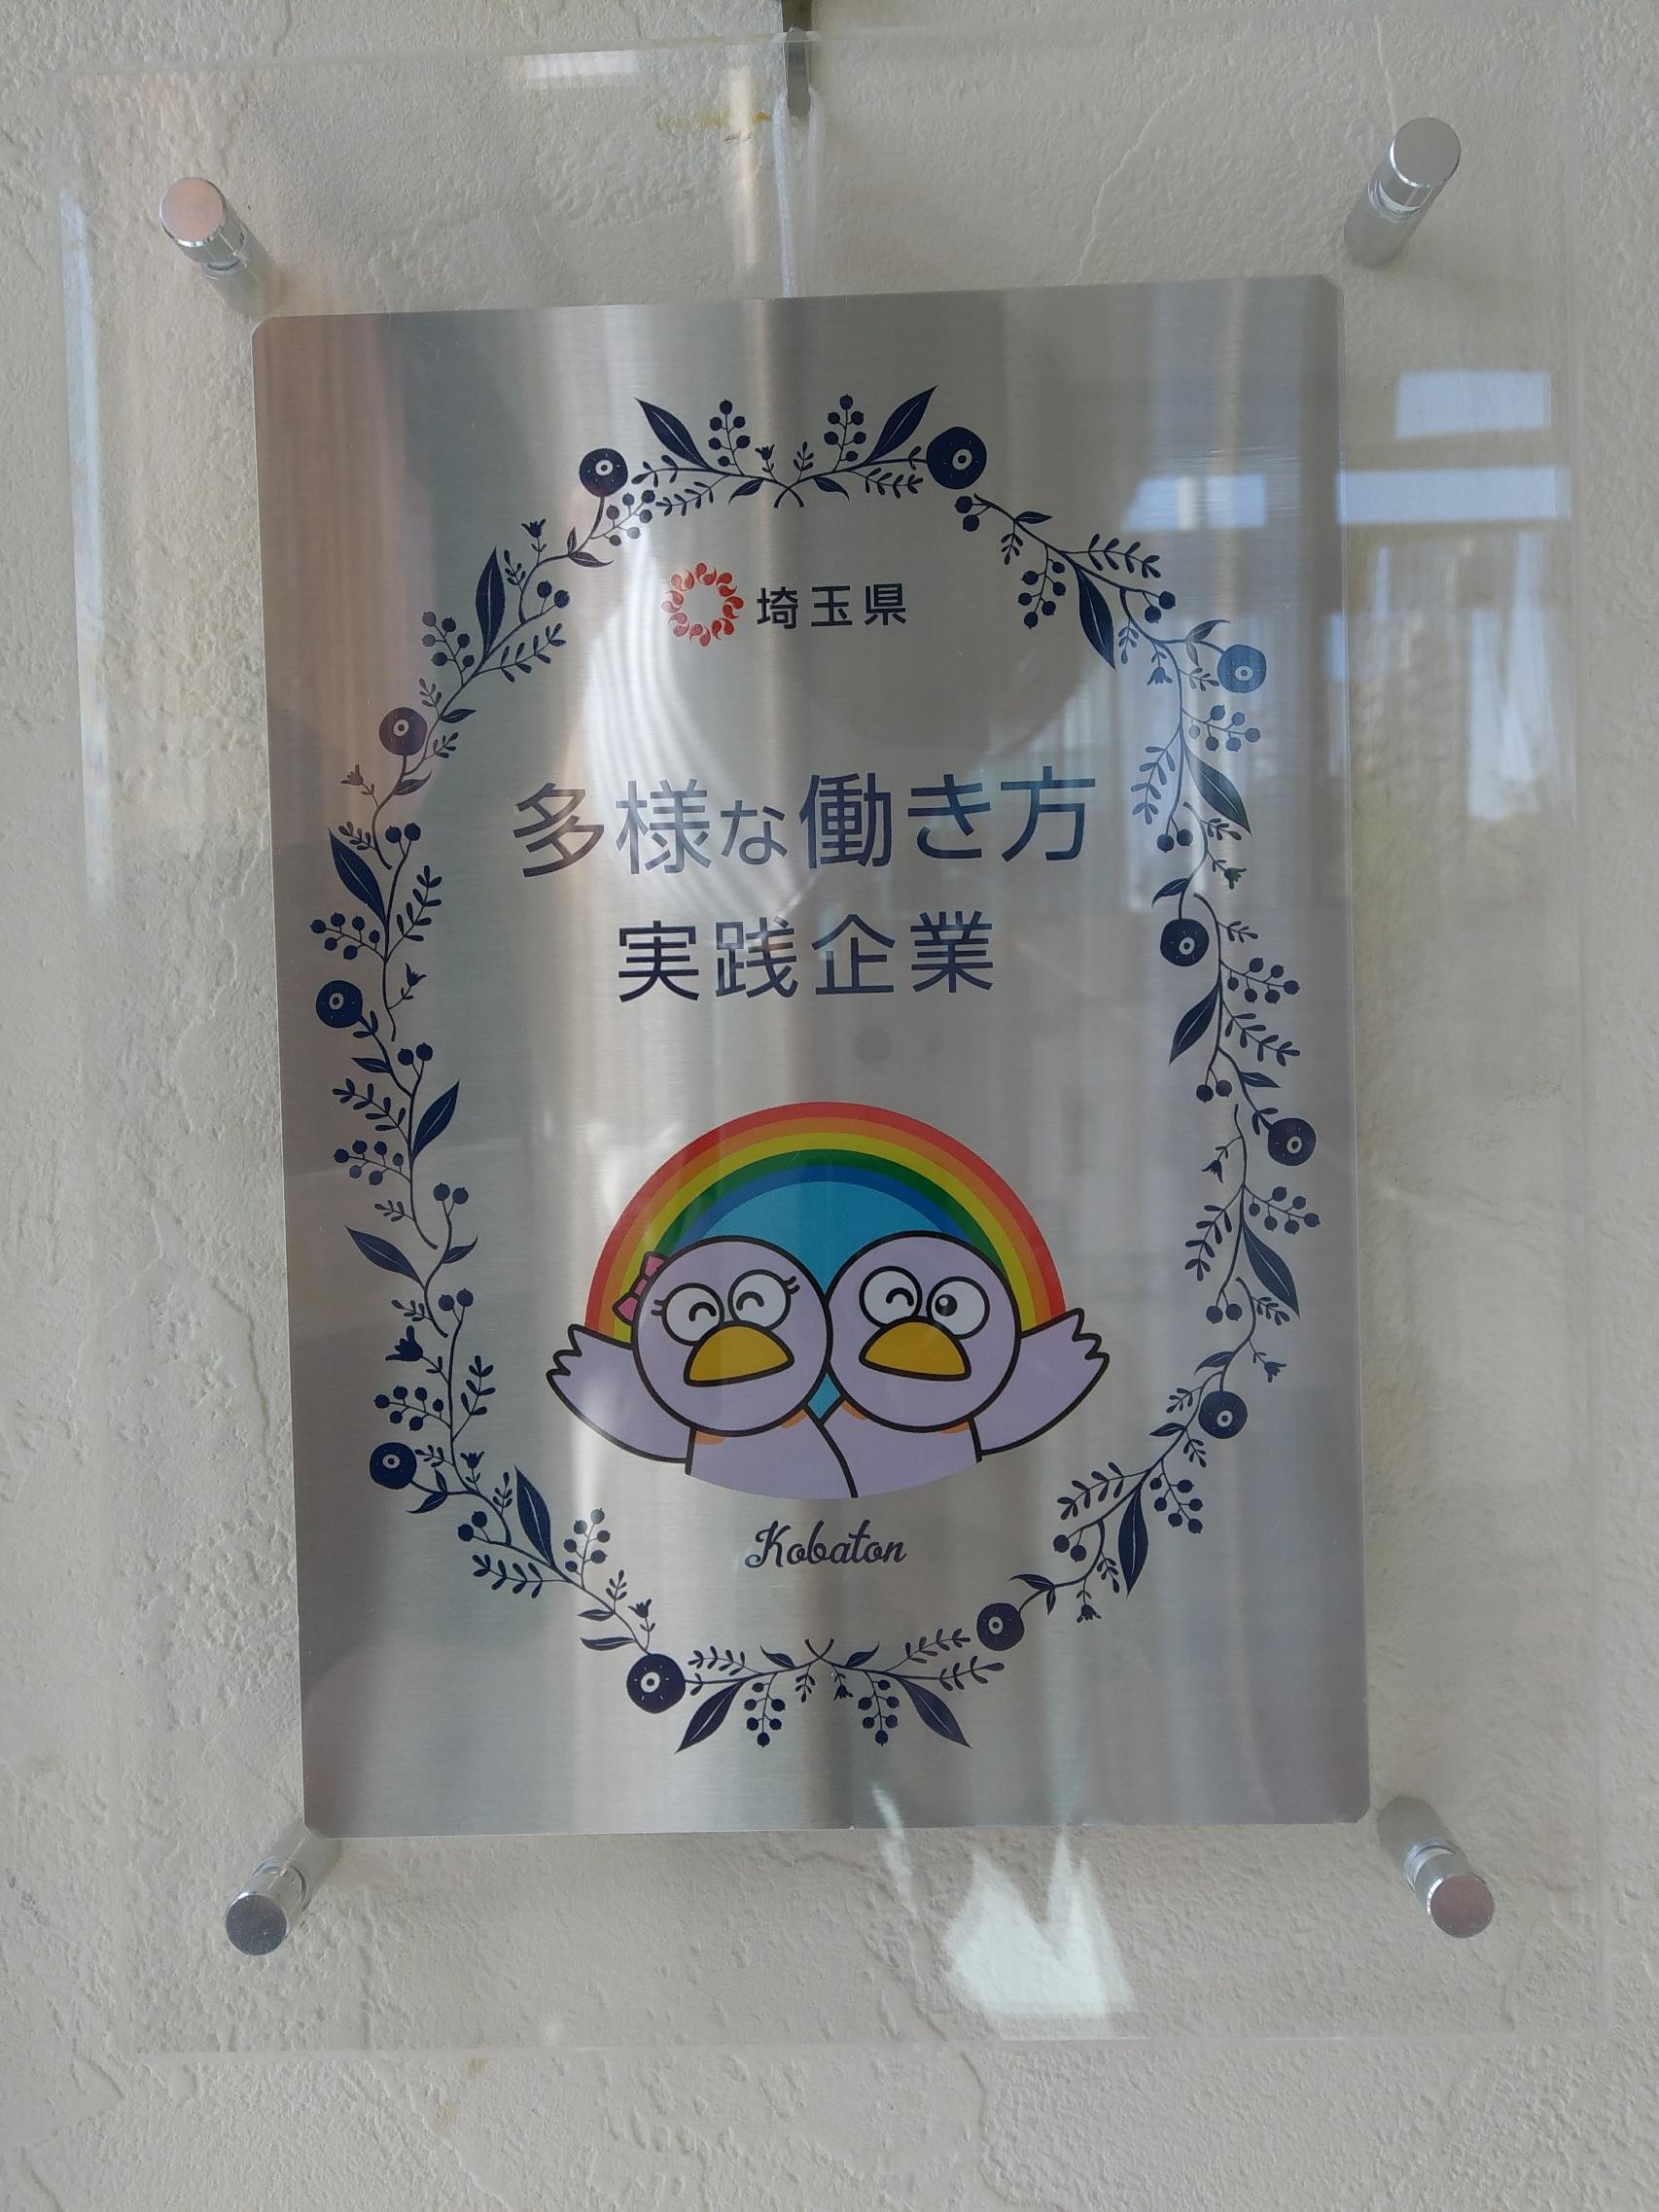 「多様な働き方実践企業」として埼玉県からゴールドランクの認定を受けました!